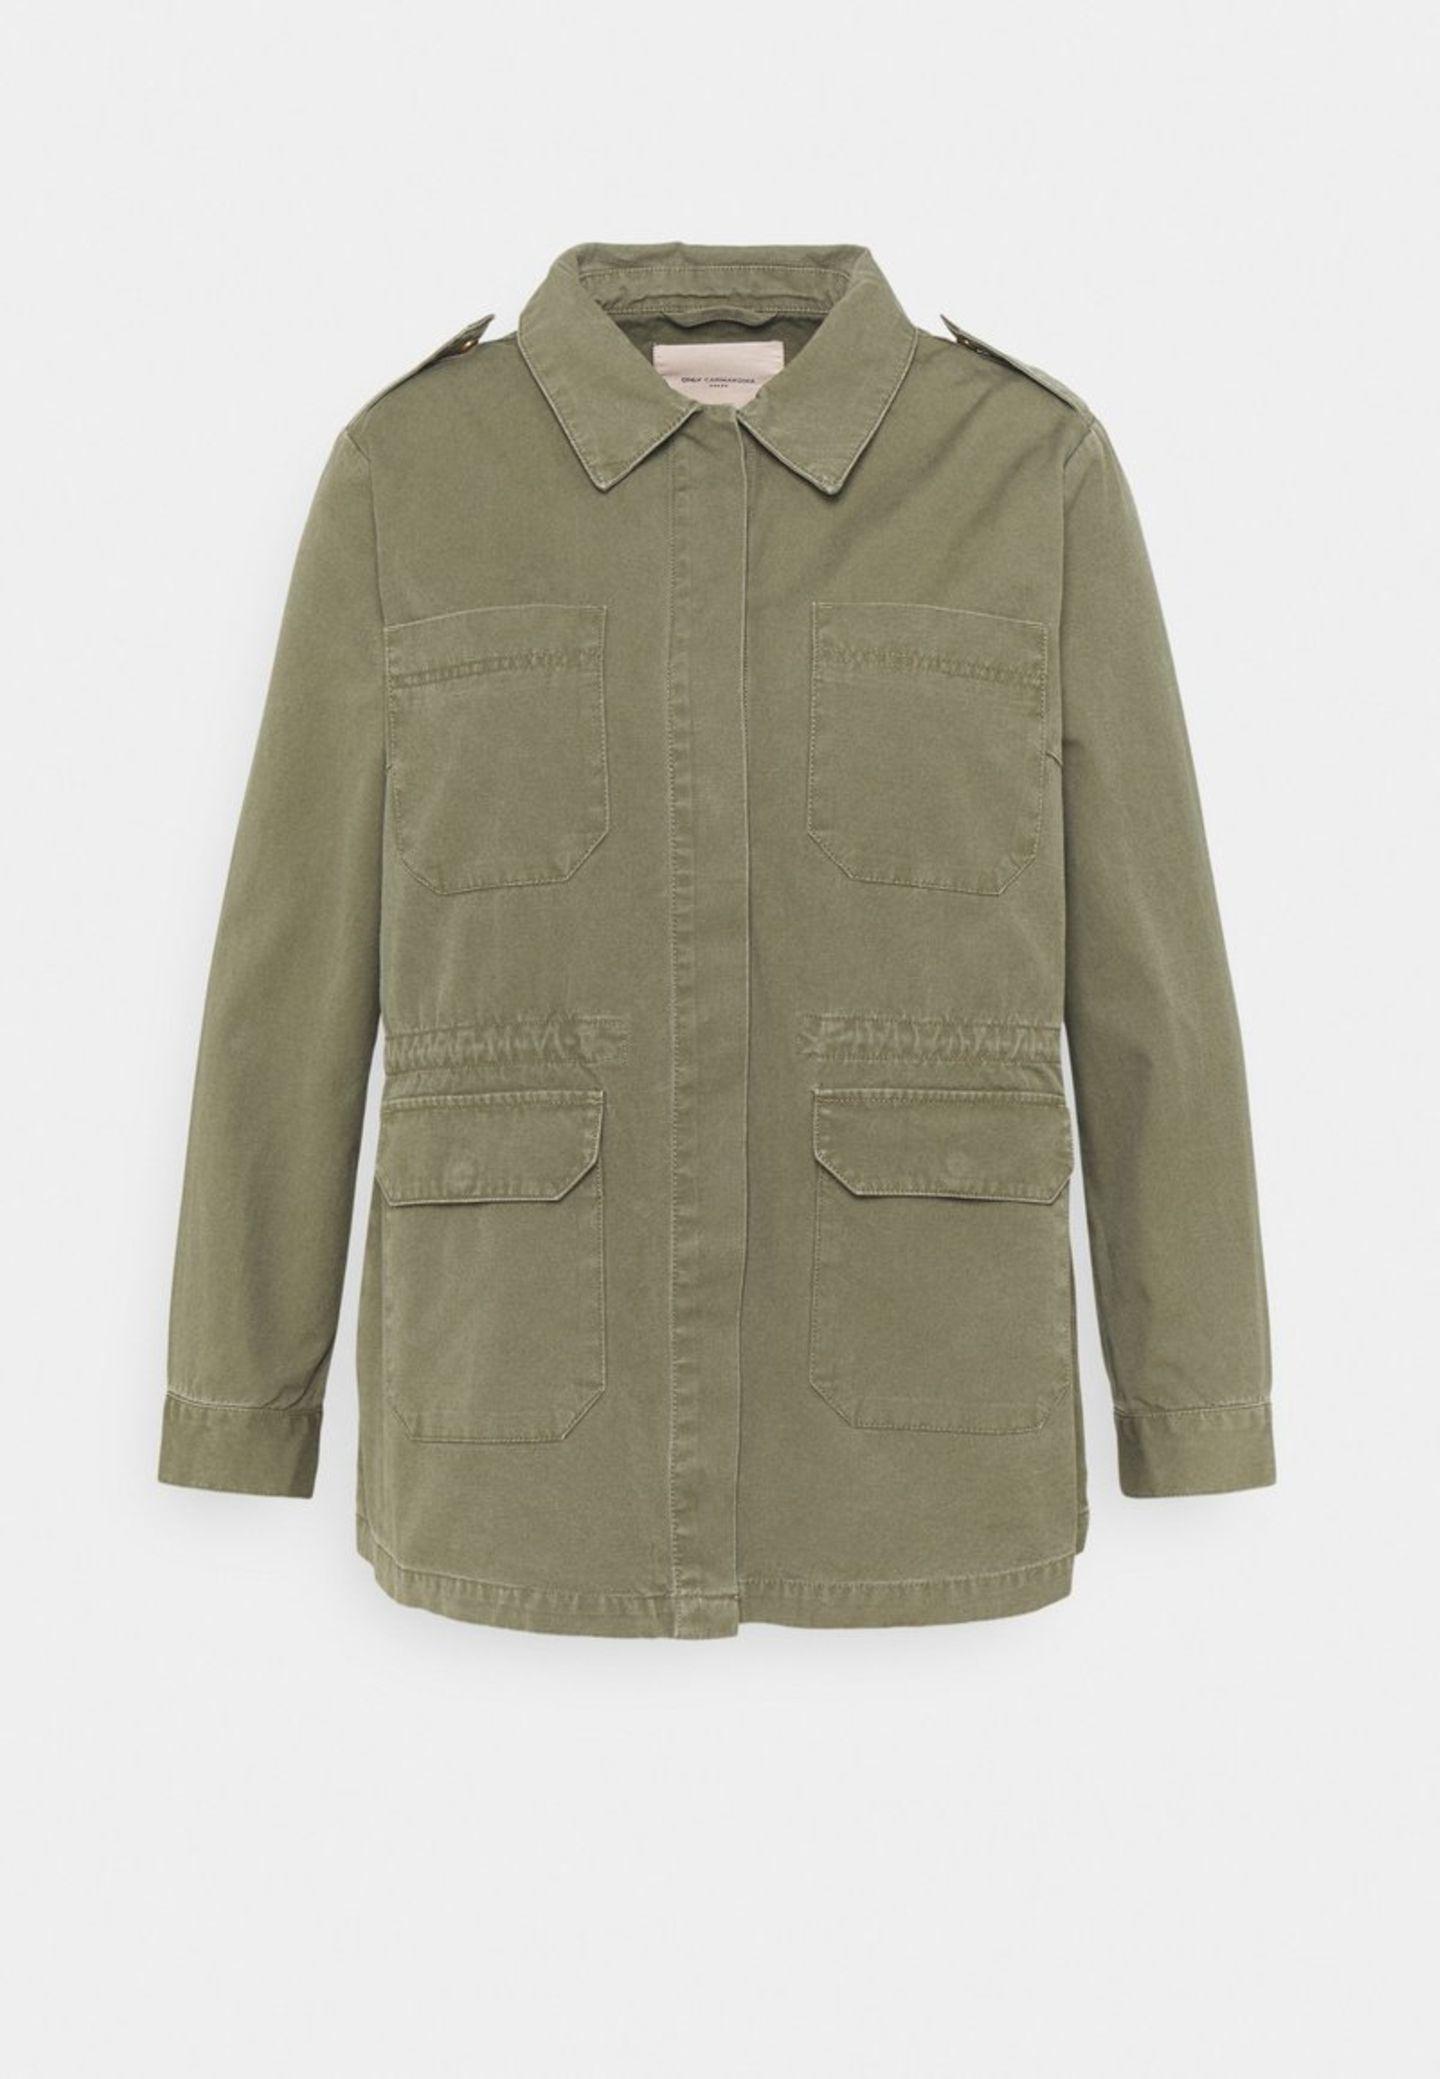 Wenn es draußen wärmer wird, dann setzen wir auf lässige Jacken im Utility-Stil. Die passen perfekt zu Basic-Shirts und Tops, einfach perfekt! VonONLY Carmakoma über Zalando, etwa 50 Euro.